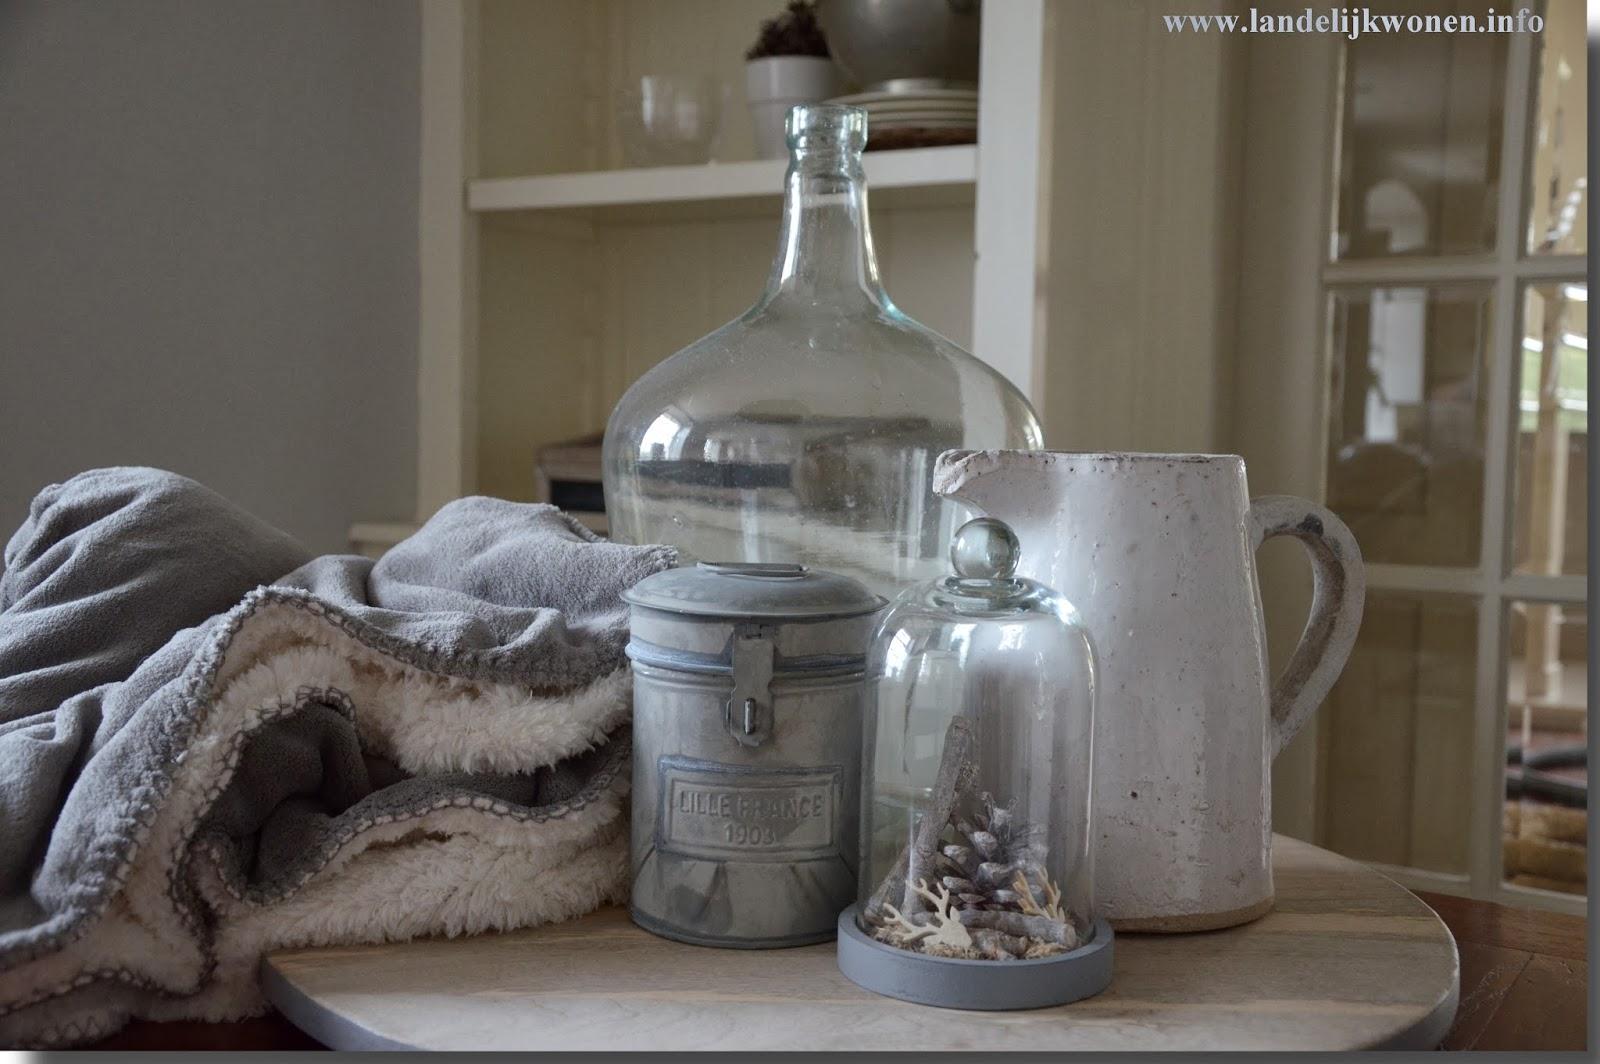 Decoratie eettafel landelijk beste inspiratie voor huis ontwerp - Decoratie gevel exterieur huis ...